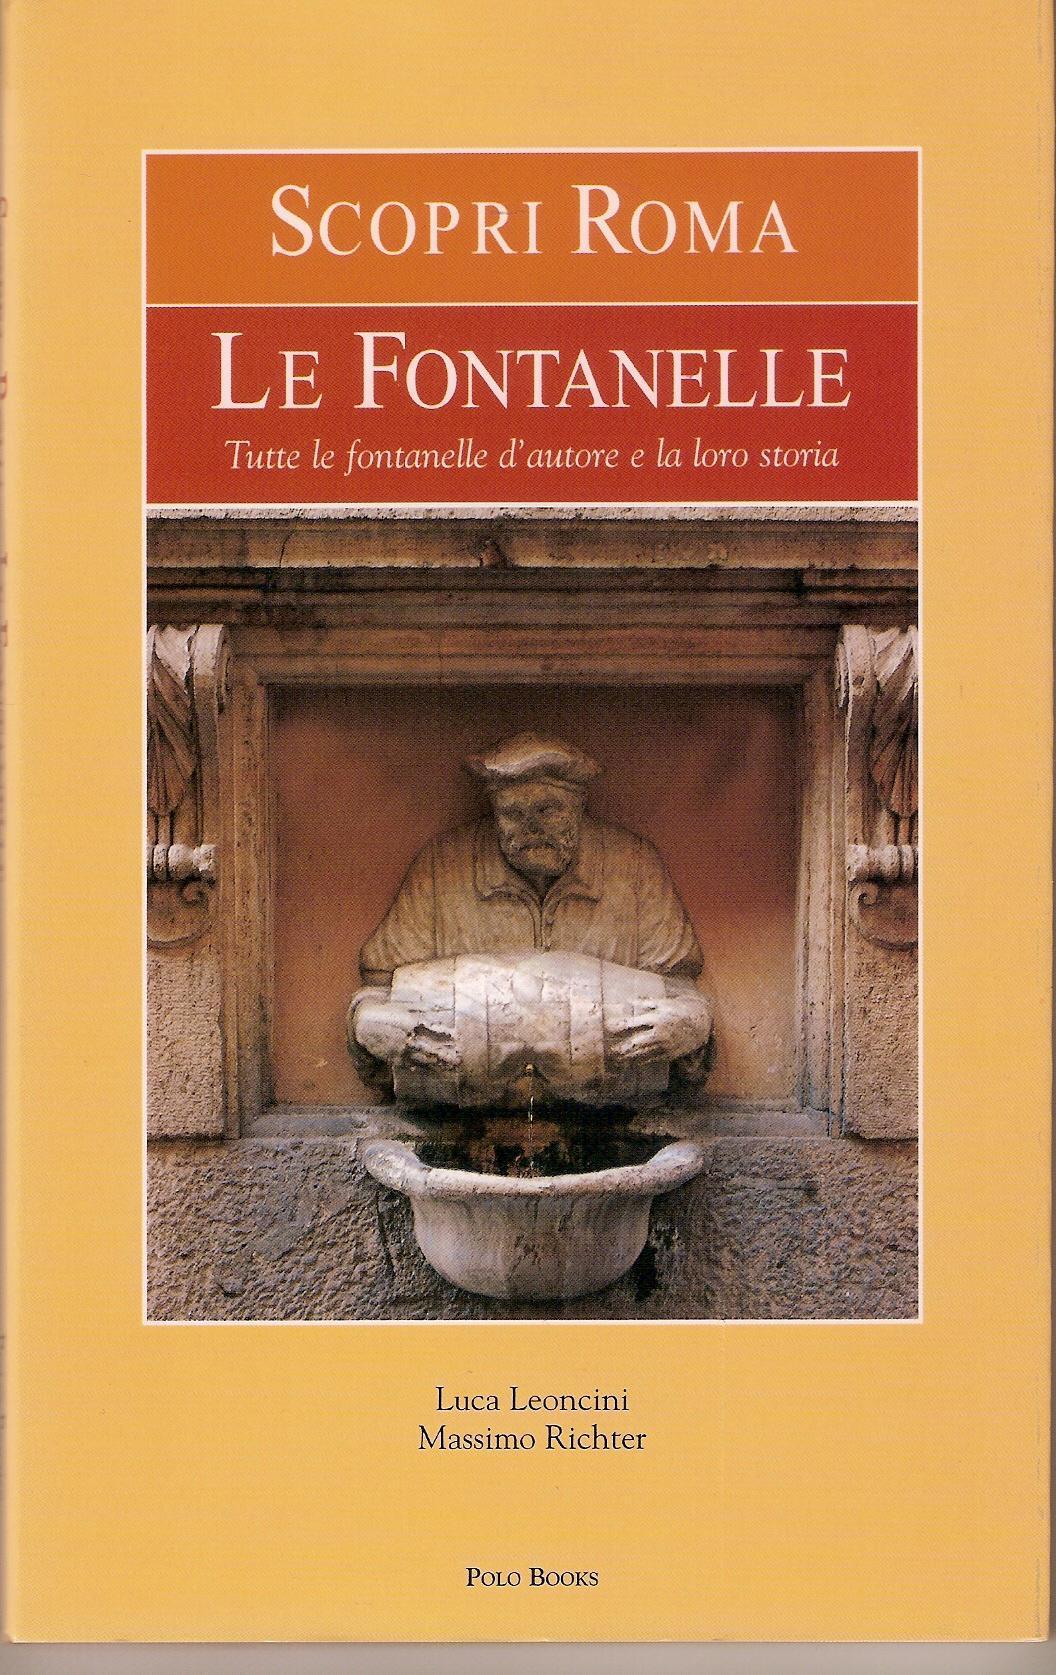 Scopri Roma - Le Fontanelle